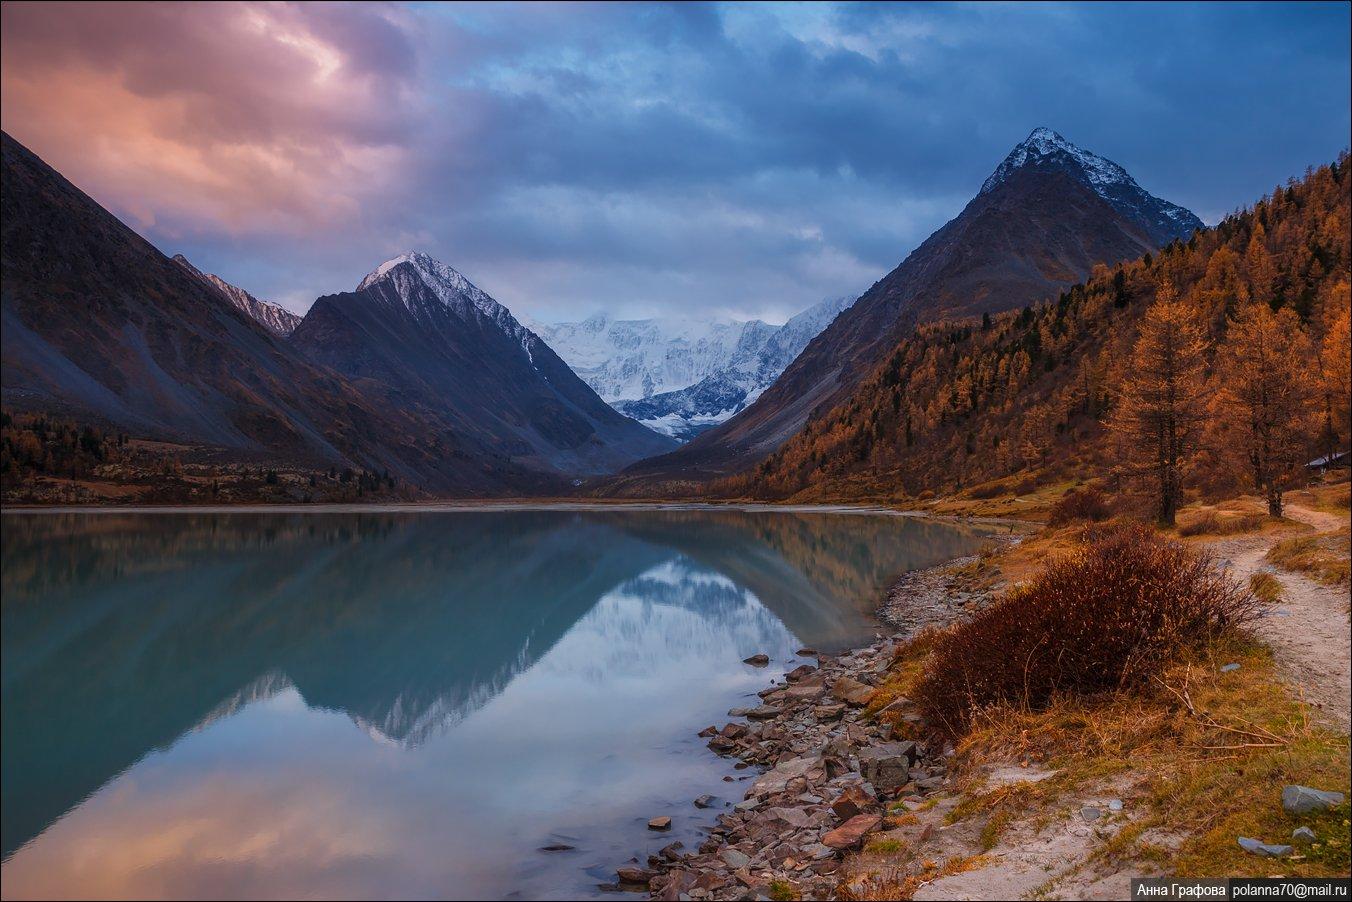 Аккем, Алтай, Аня графова, Белуха, Горный алтай, Горы, Катунский хребет, Осень, Аня Графова